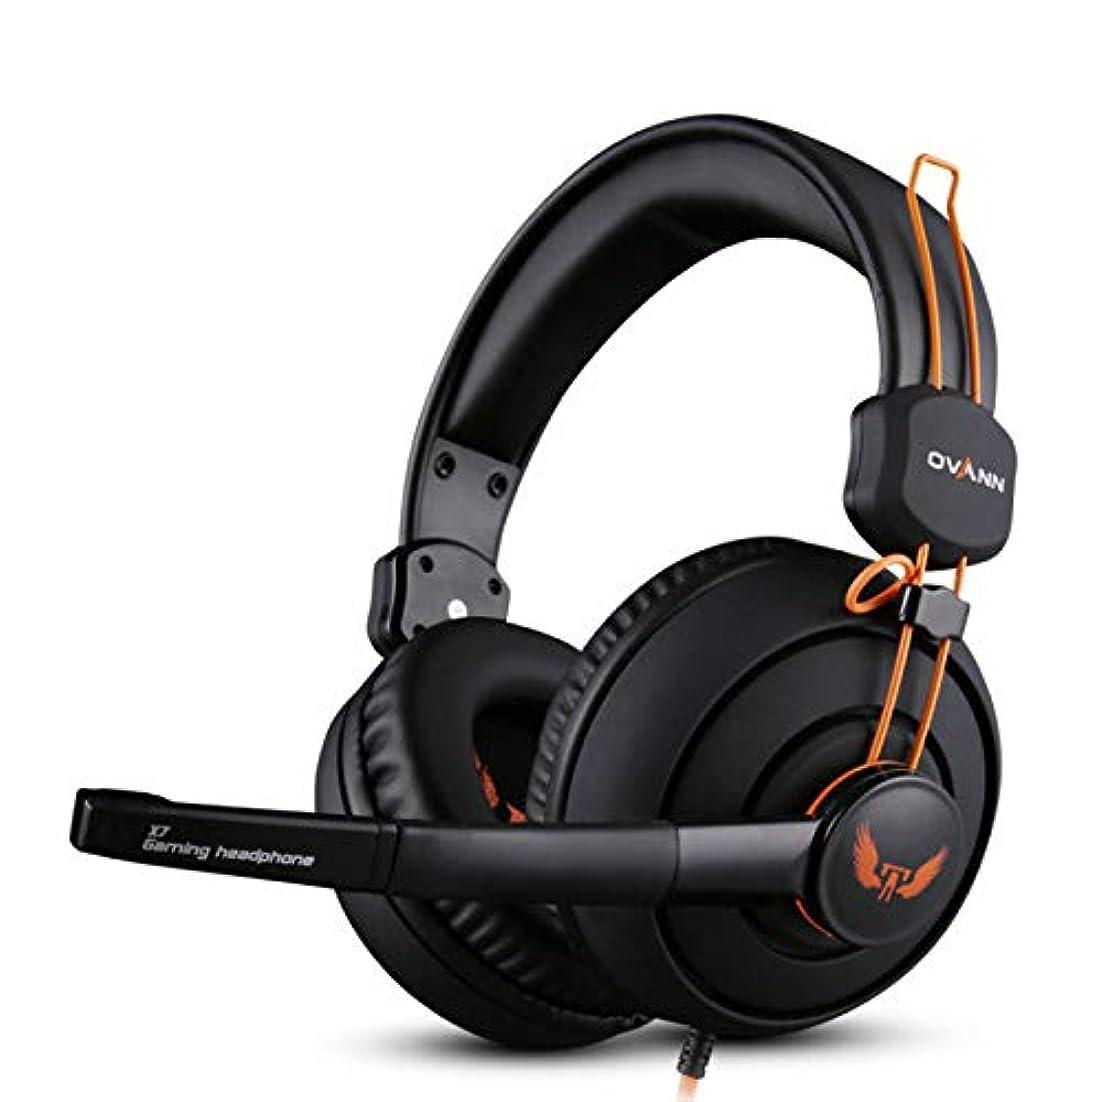 暖炉名誉ある共感するElectrost ゲーム用ヘッドセットノイズキャンセリングマイクサラウンドステレオサウンド3.5mm有線ヘッドフォン(PC、Xbox One、PS4、Nnintedoスイッチ用) (色 : 黒)